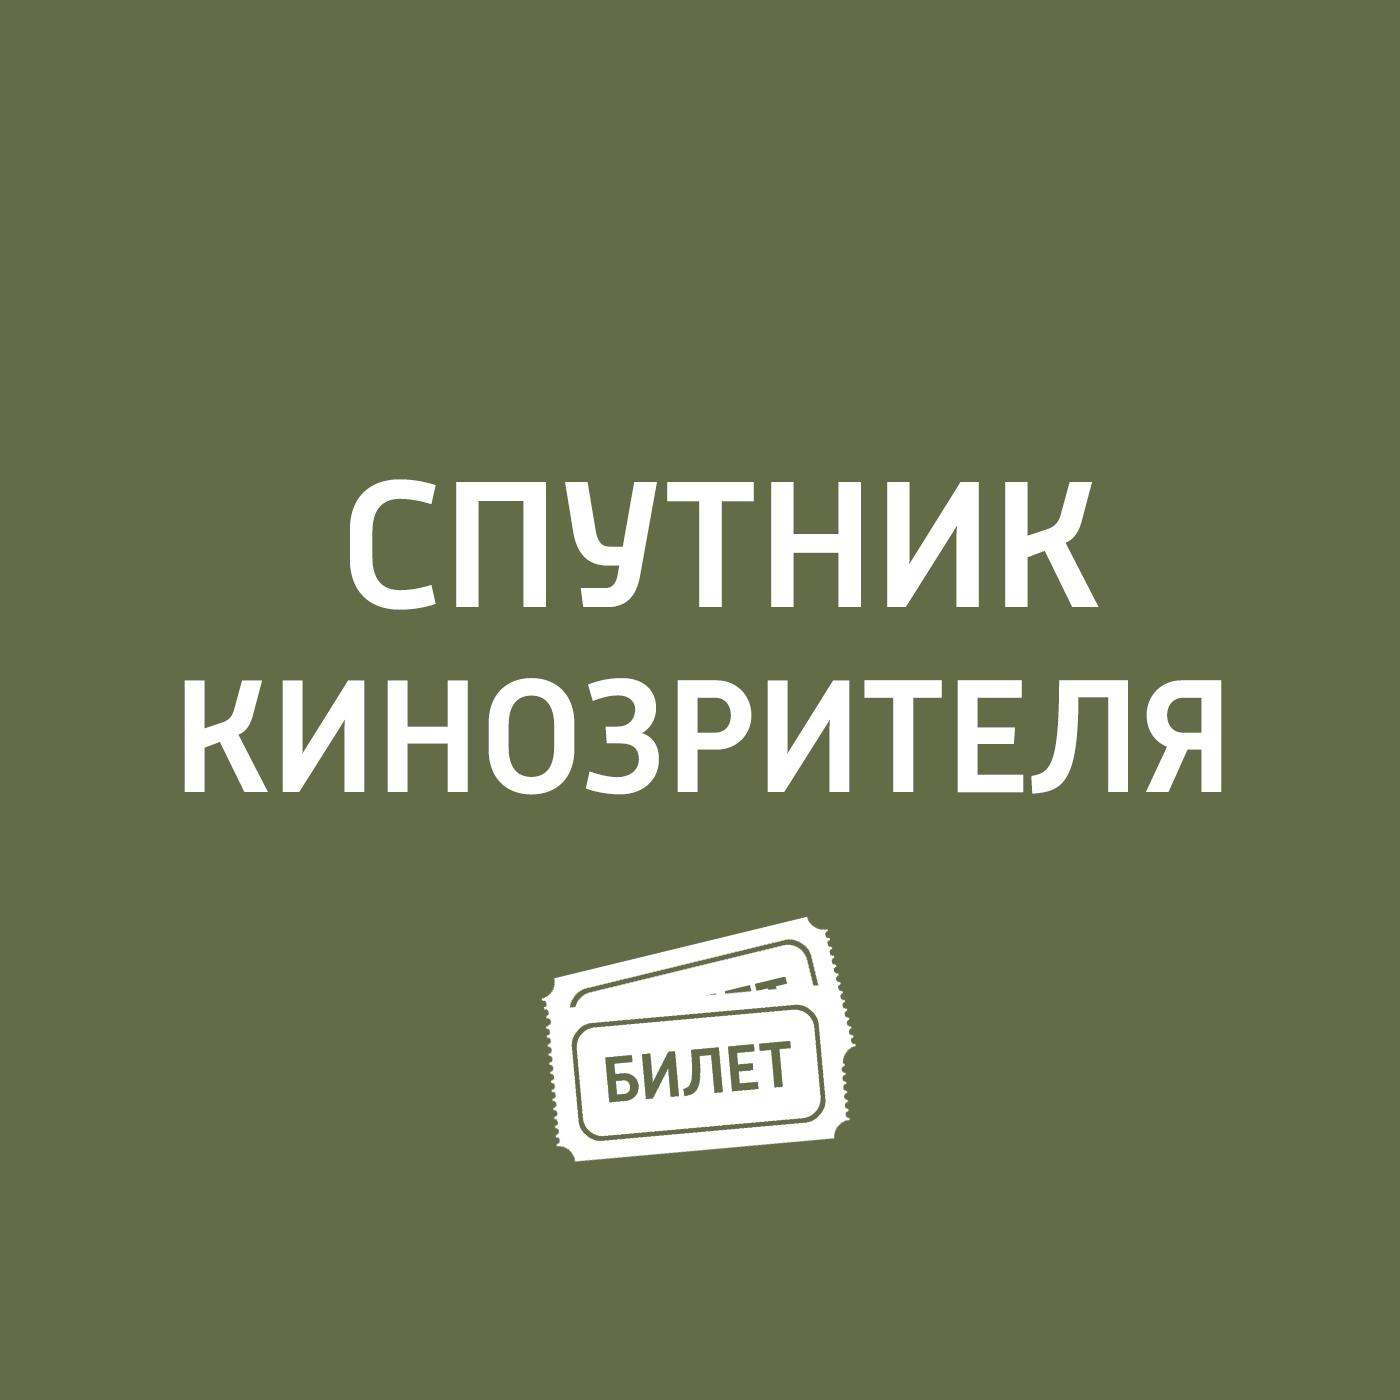 Антон Долин Первый мститель: Другая война, «Шагал – Малевич